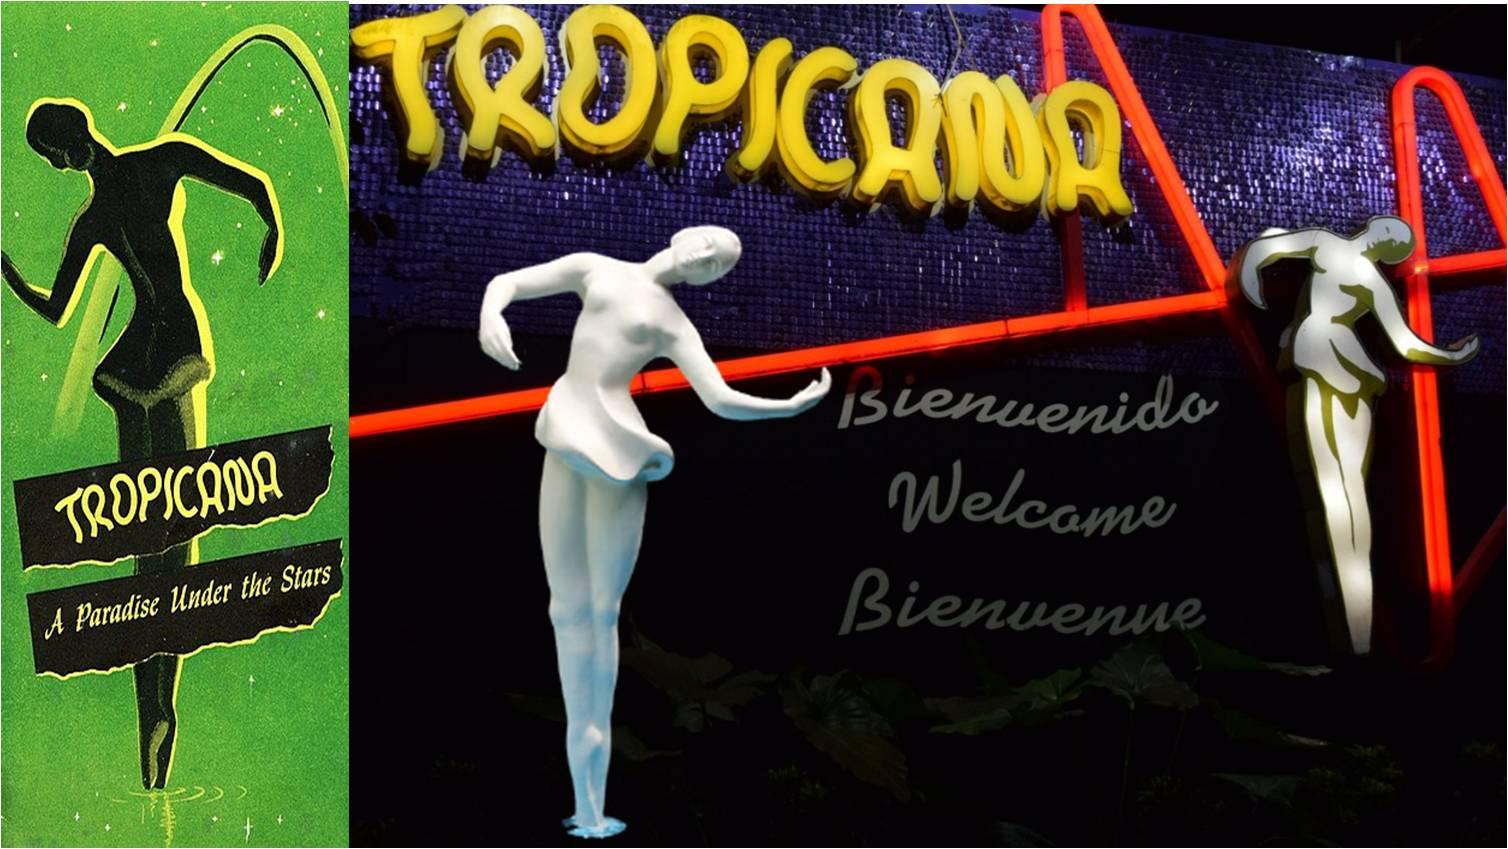 La bailarina, el gran símbolo del Cabaret Tropicana